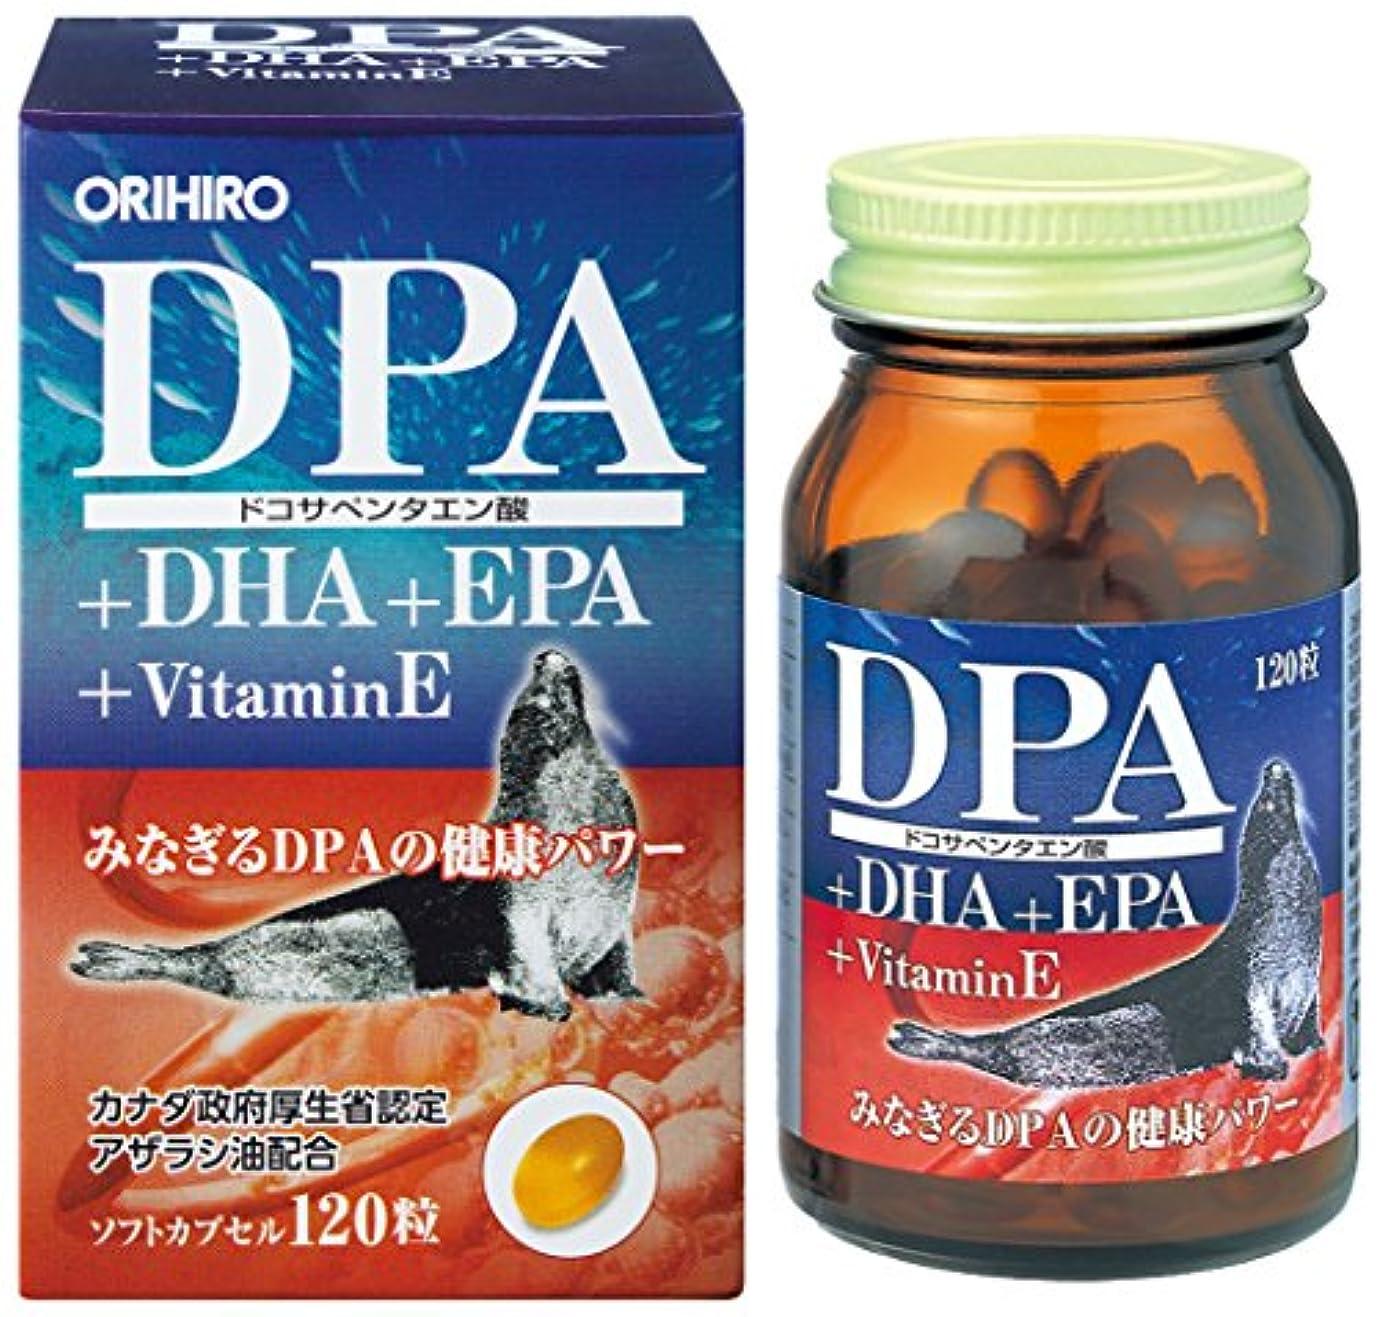 非常に段落在庫オリヒロ DPA+DHA+EPA+VitaminE 120粒